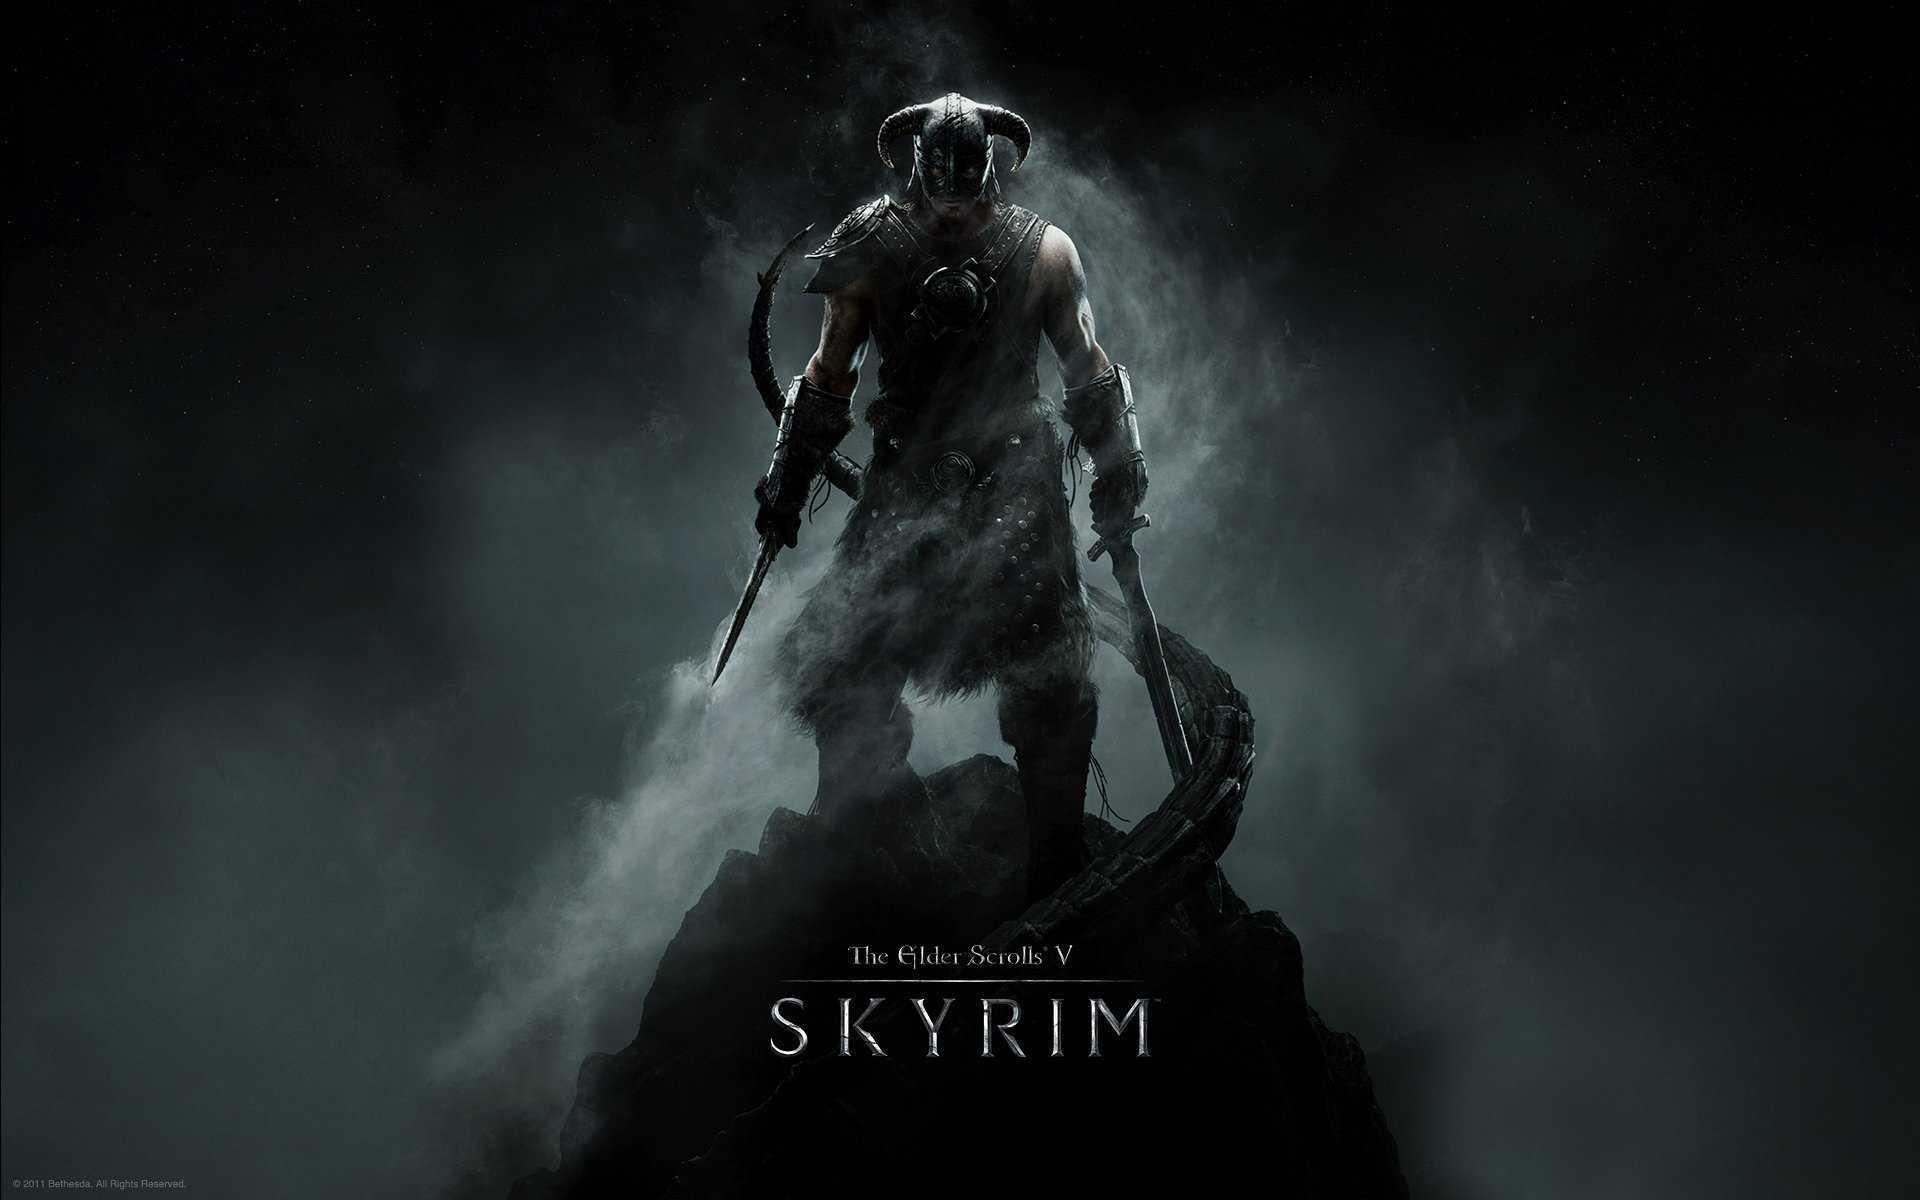 The Elder Scrolls V Key Art 4k Hd Desktop Wallpaper For 4k Skyrim